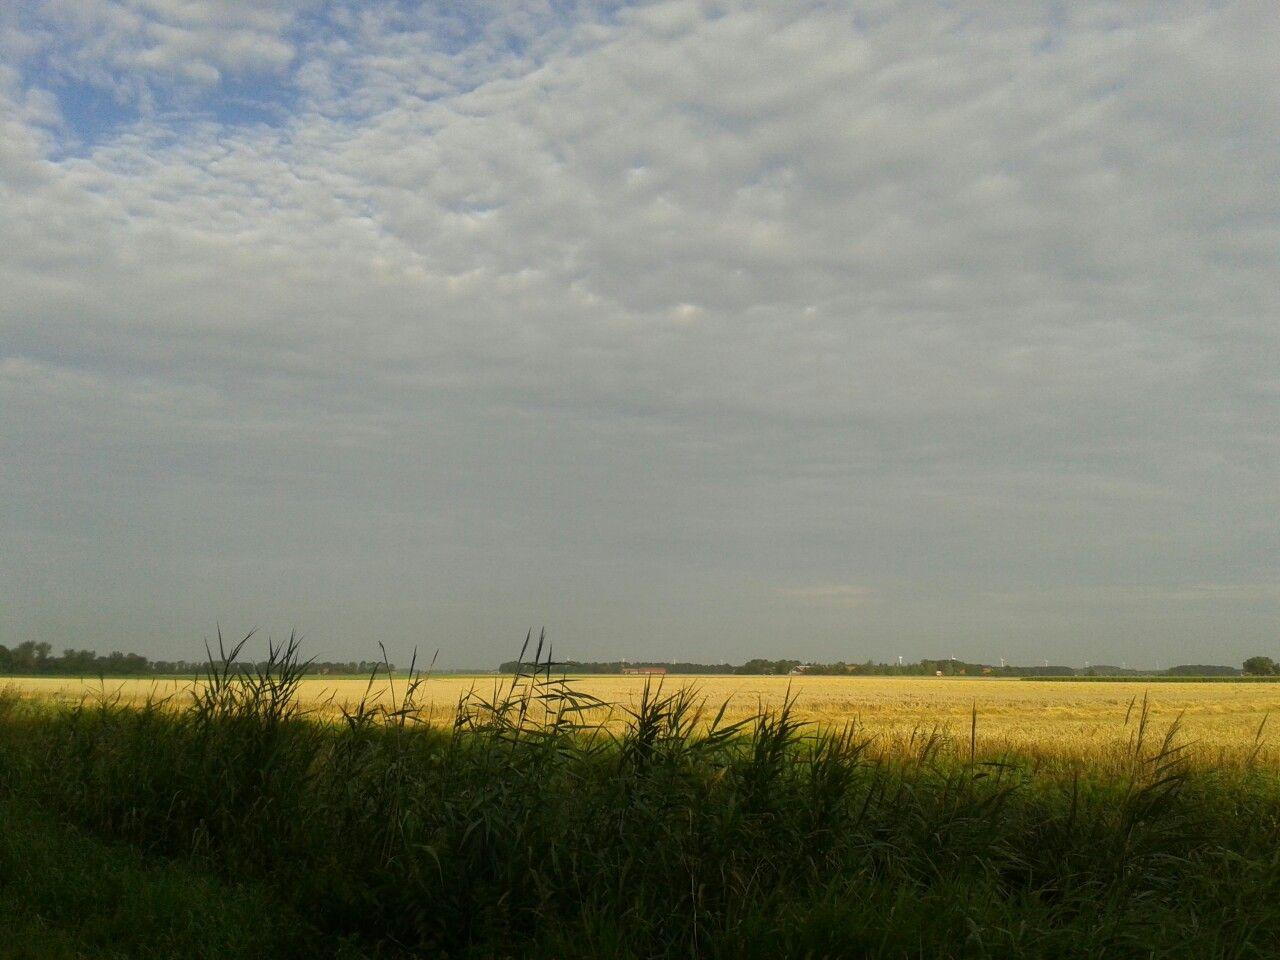 Zicht op de graanvelden Alikruikweg, Biddinghuizen.